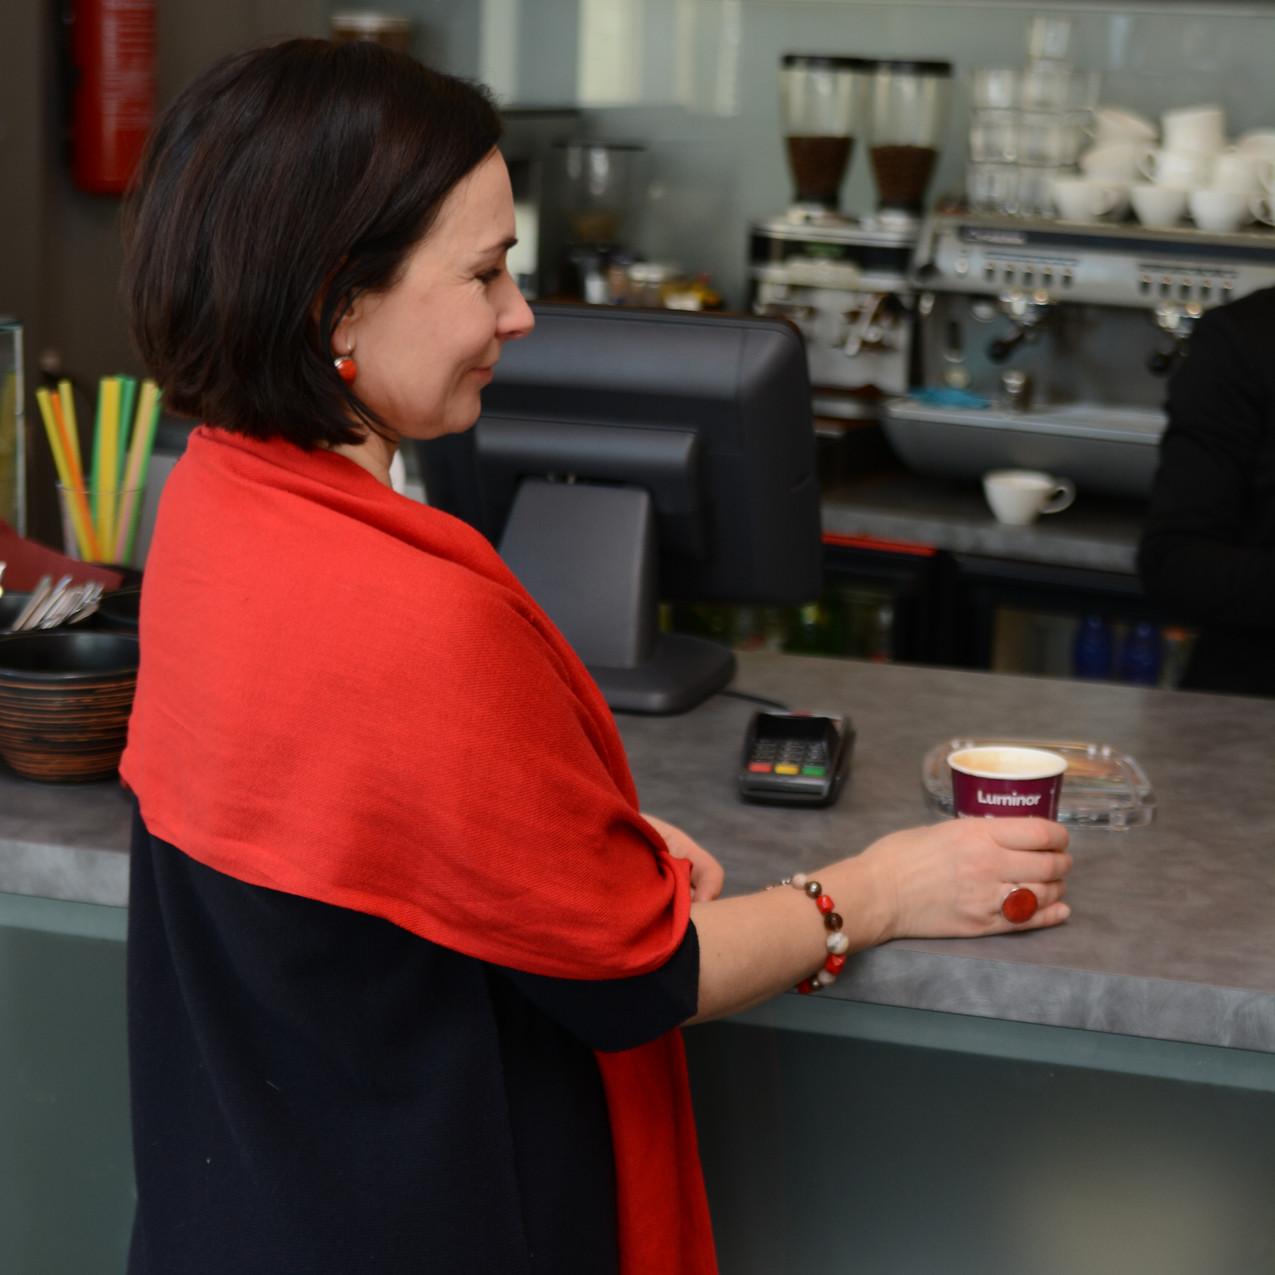 Klient kohvi nautimas